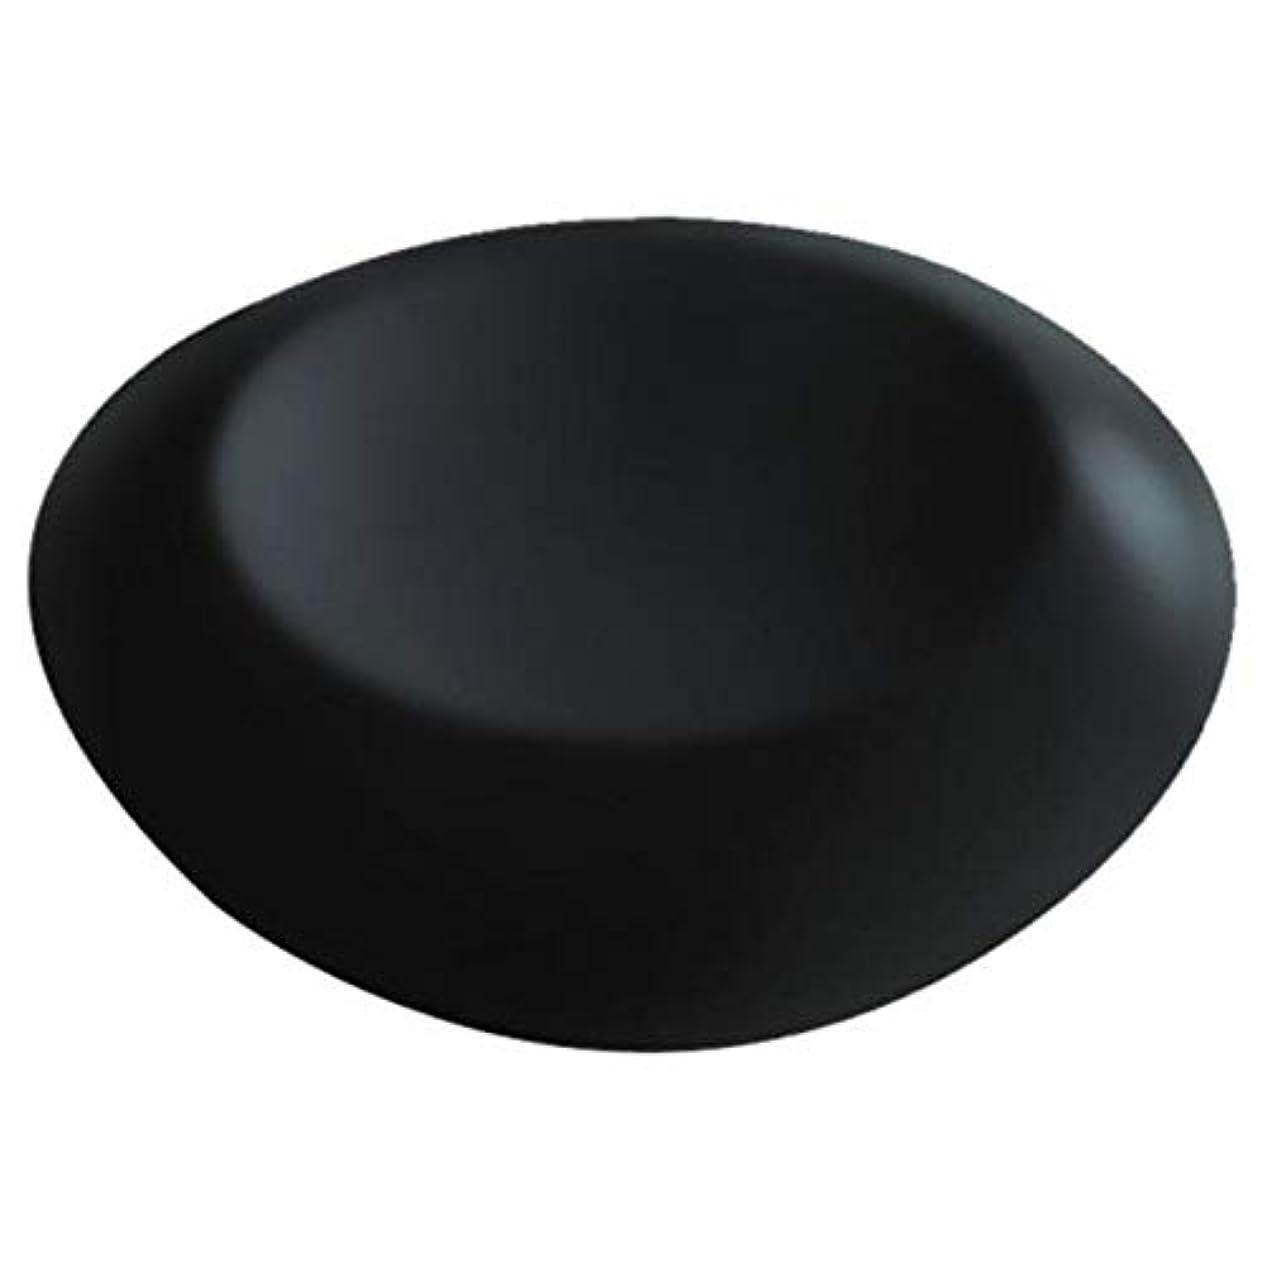 直感フレキシブルウール滑り止めサクションカップ付きラウンドバスヘッドレストPUバスクッション人間工学に基づいたホームスパヘッドレスト